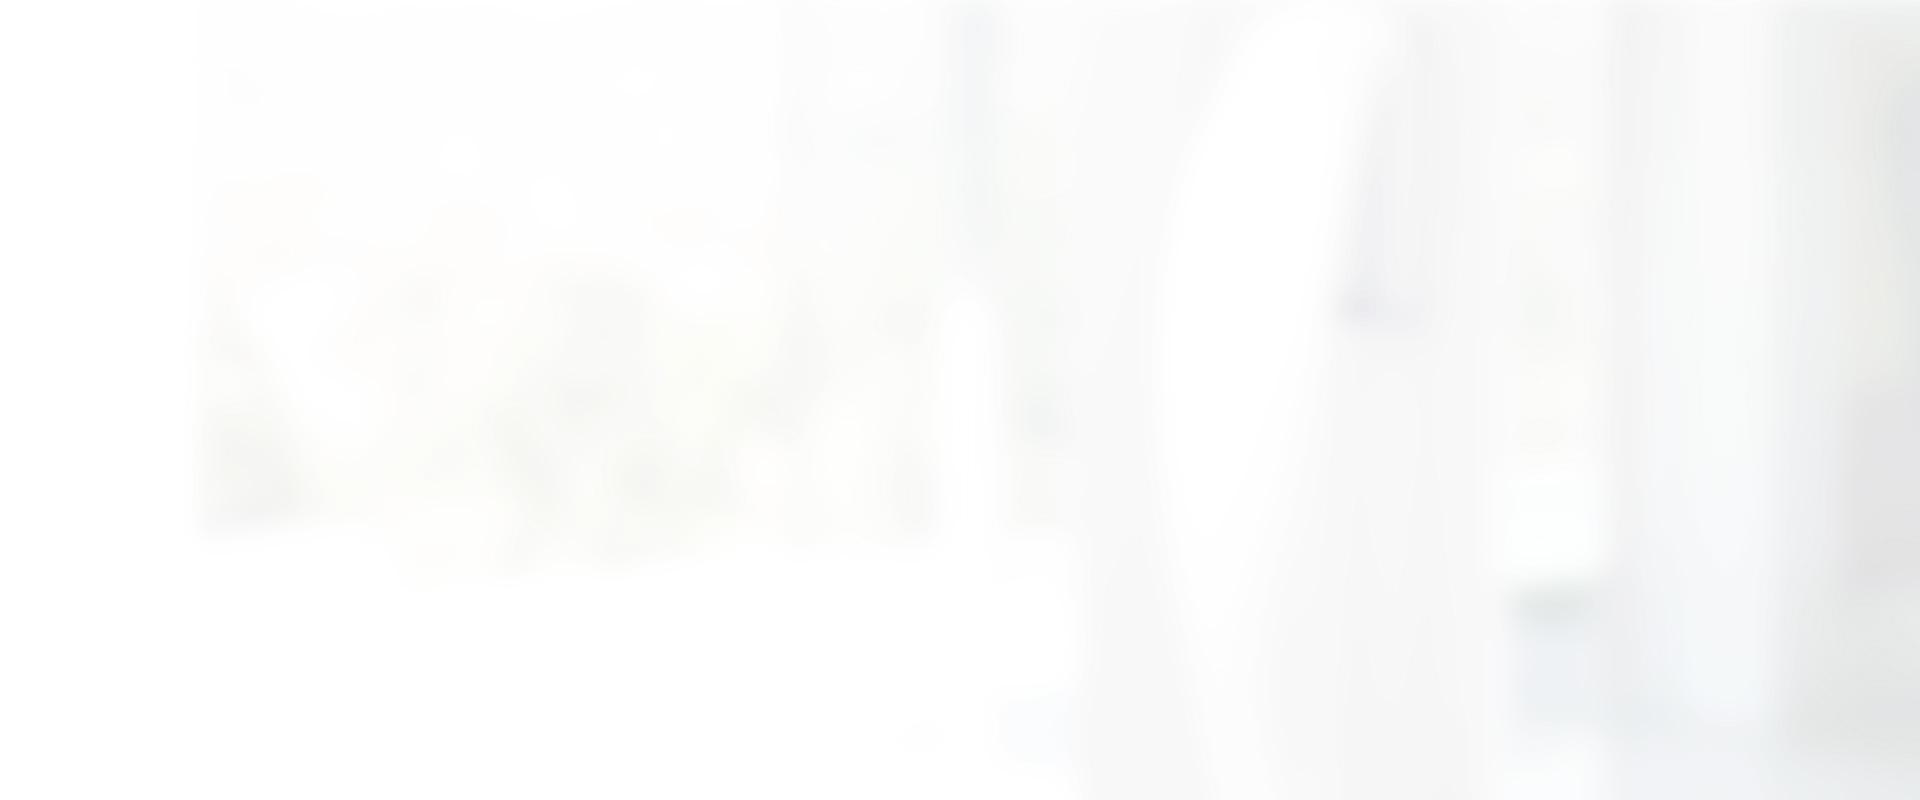 Картинка фоновая для текста Ижевск